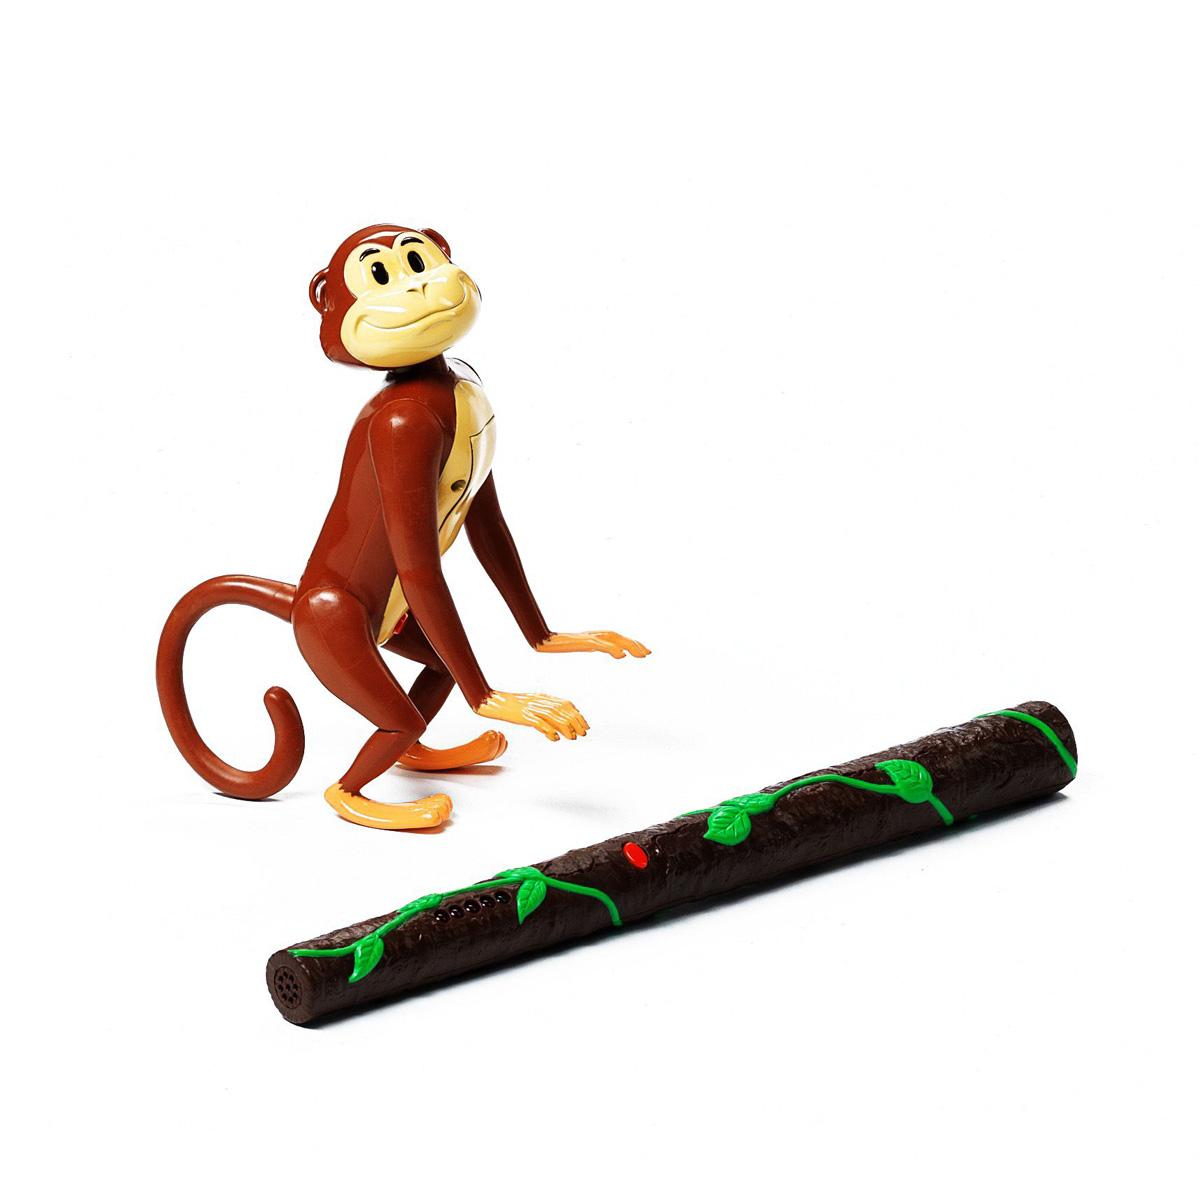 Игра Сафари. Спрячь и найди!ВВ0967Как думаете, легко ли найти маленькую обезьянку в непроходимых тропических джунглях? А в недрах целой комнаты? Известно, что в прятки надо играть как минимум вдвоем, но для нашей игры в Сафари Прятки ведущему достаточно будет только спрятать в укромном месте маленькую озорную обезьянку. А основной игрок, с компанией или в одиночку, отправится в сафари по комнате в поисках пропажи. А поможет ему выследить обезьянку необычная волшебная палочка. Когда игрок будет подходить близко к тайному месту, то палочка будет издавать специальный звук, и на ней будут загораться индикатор. А если обезьянка окажется совсем рядом, то загорится зеленая лампочка и сигнал станет совсем сильным. Только торопитесь, обезьянку можно найти только в течение 20 минут после начала игры! Не правда ли, похоже на детскую забаву холодно-горячо? Характеристики: Материал: пластик. Количество игроков: 2-4. Размер упаковки: 27 см x 27 см x 5,5 см. ...